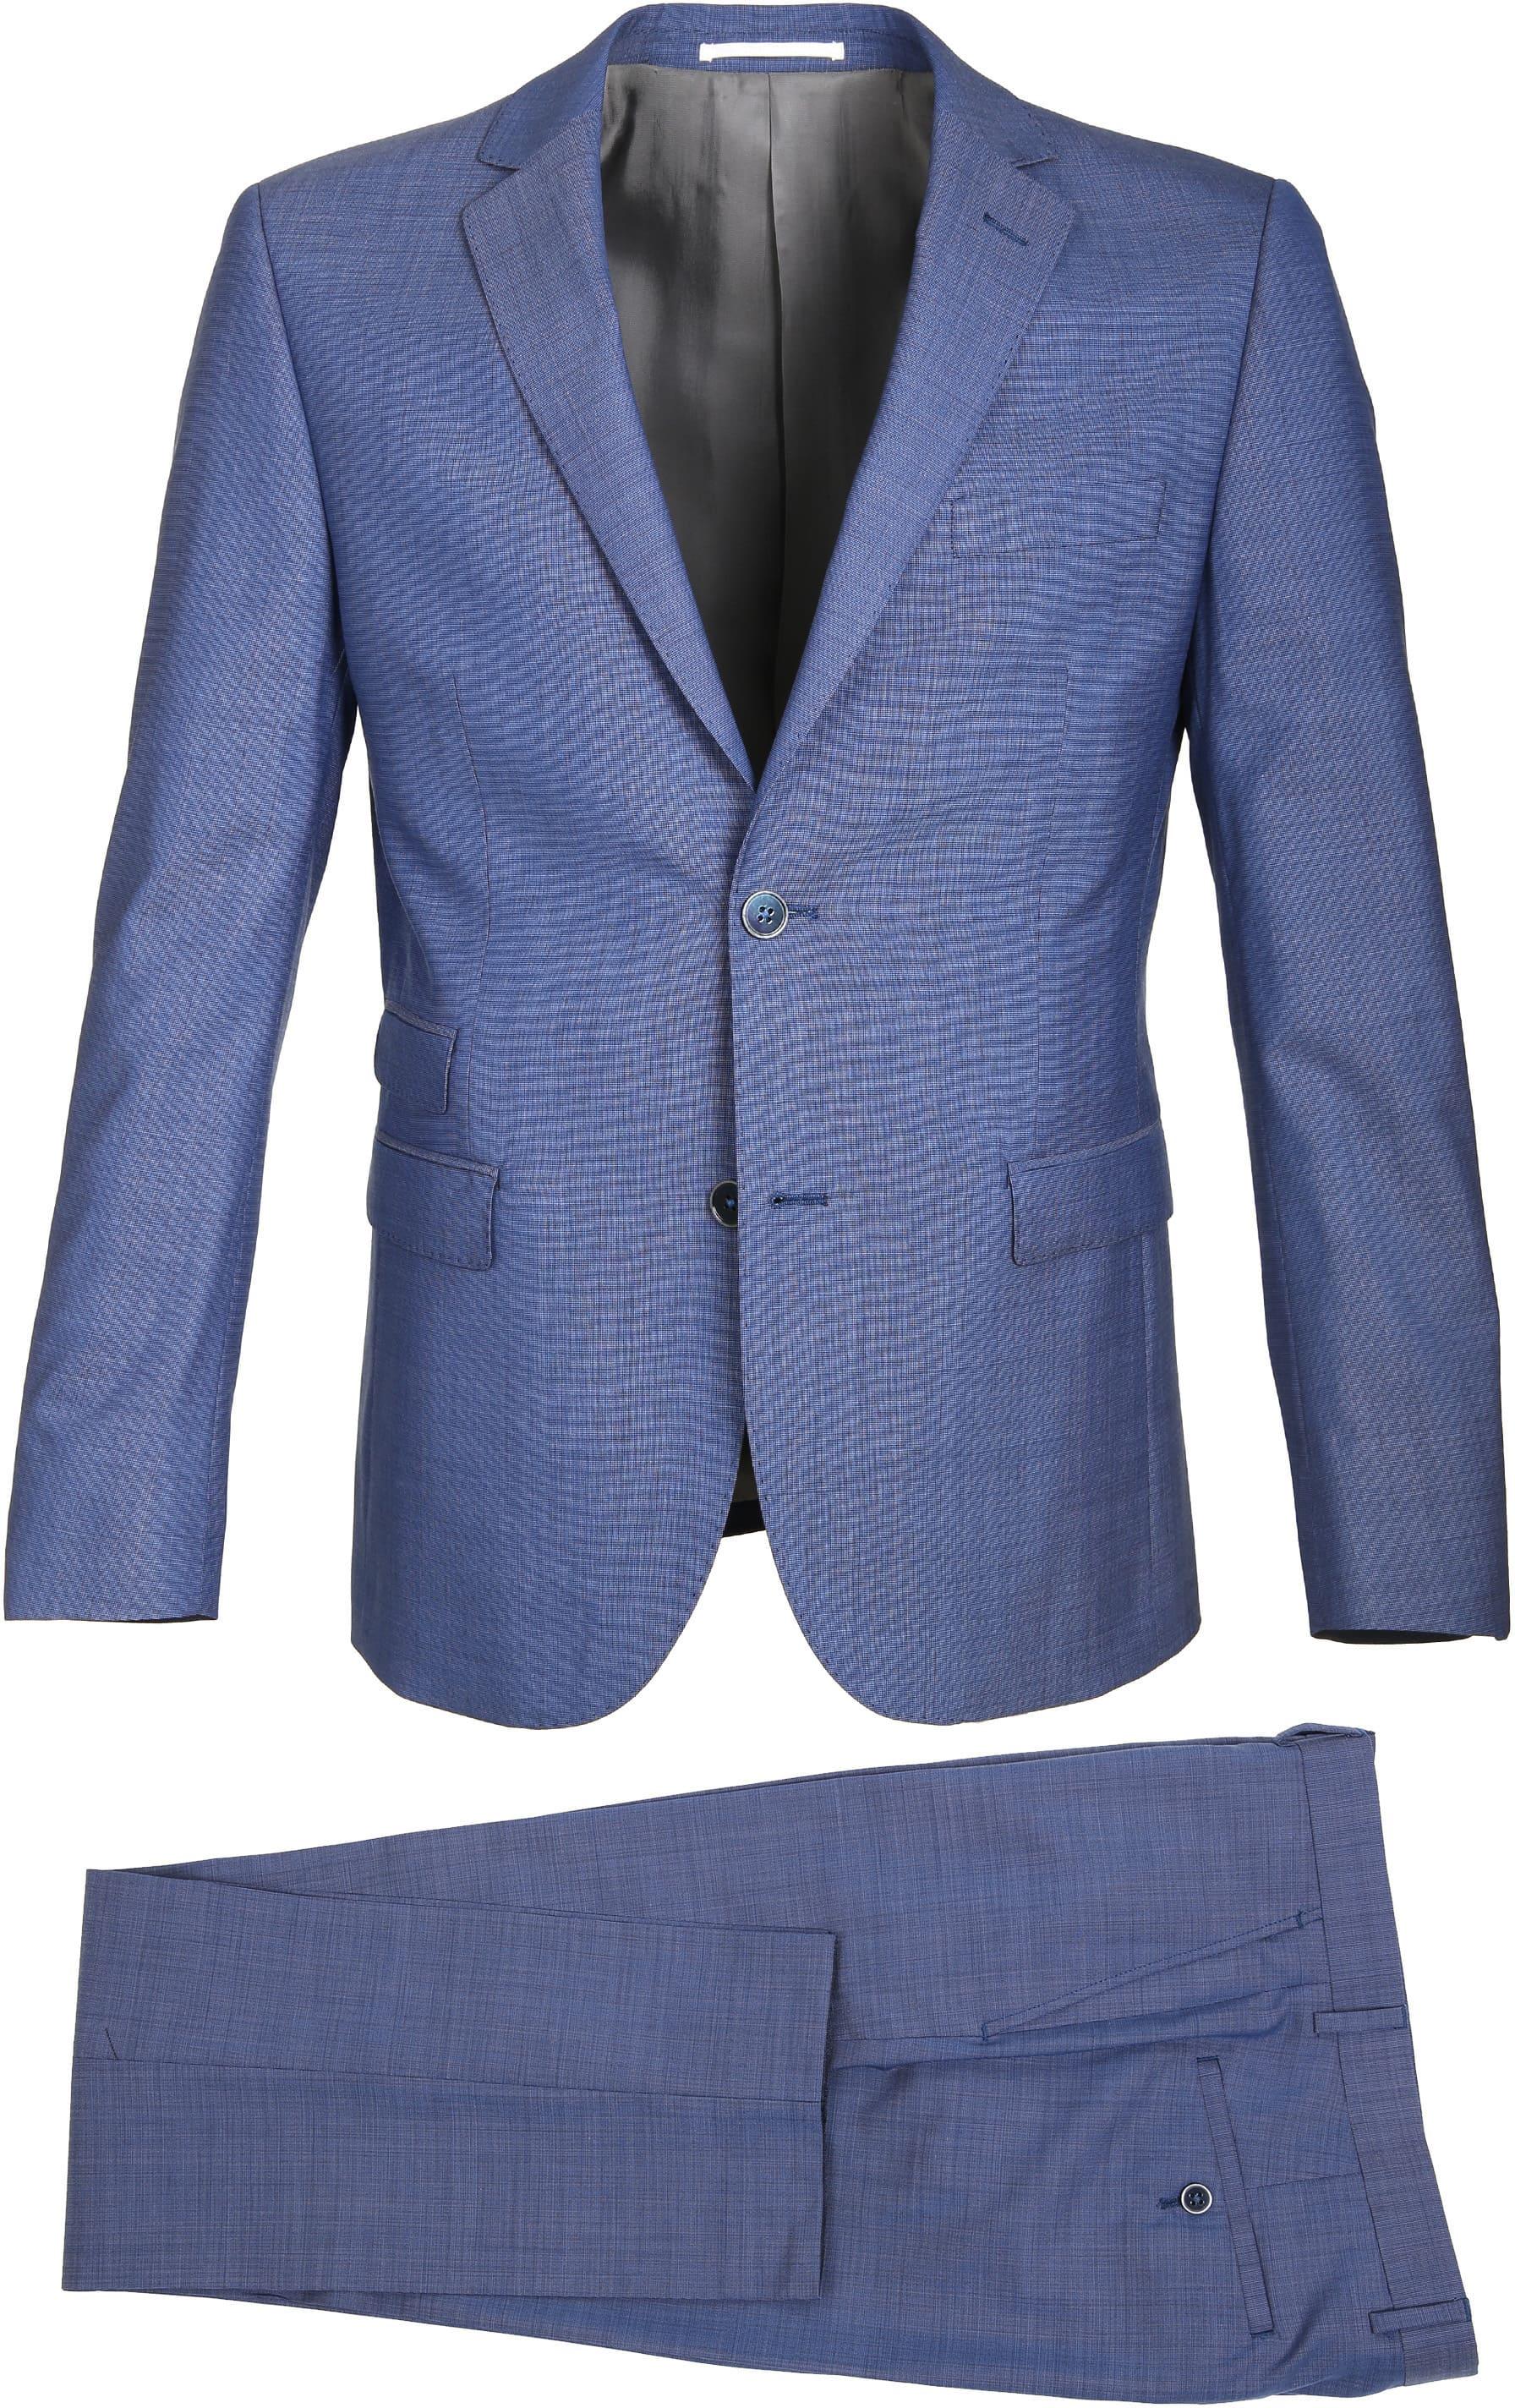 Suitable Suit Lucius Mid Blue foto 1